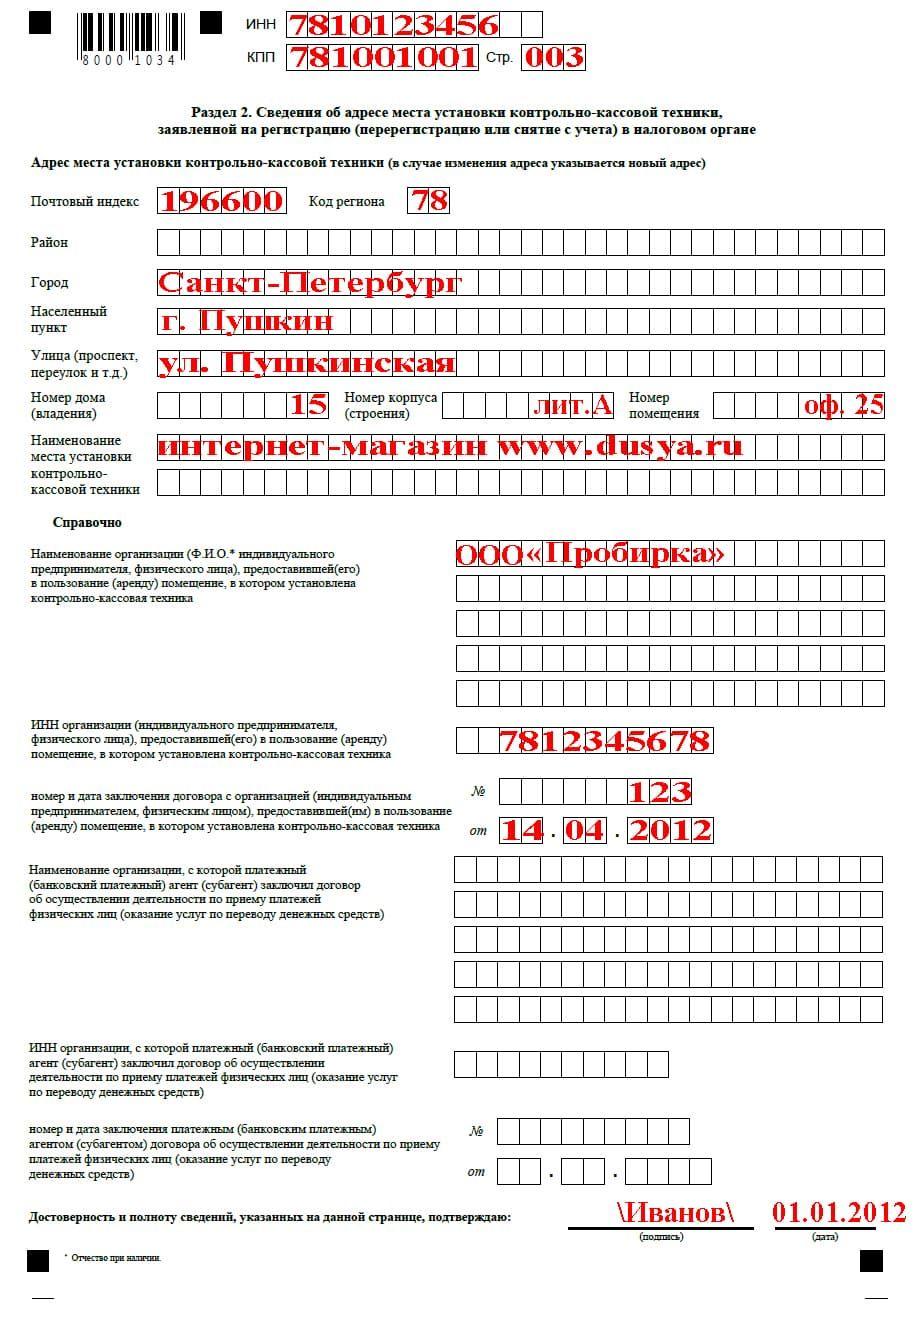 оформление загранпаспорта в г.уфе бланк-заявление